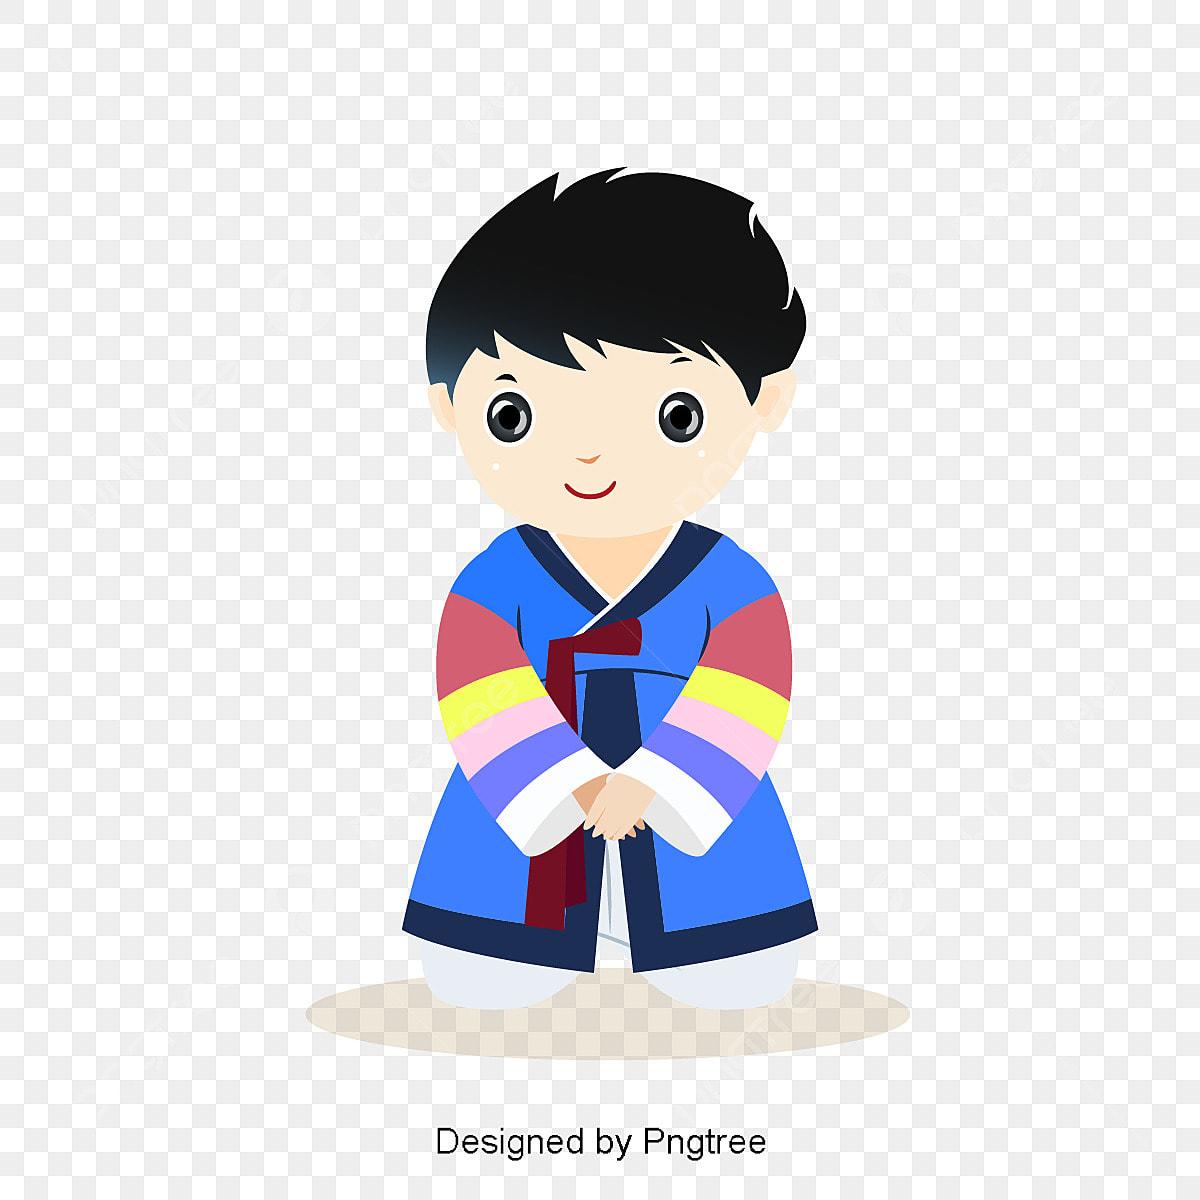 かわいい服を着て韓国服イラスト 少年 漫画少年 漫画キャラクター画像